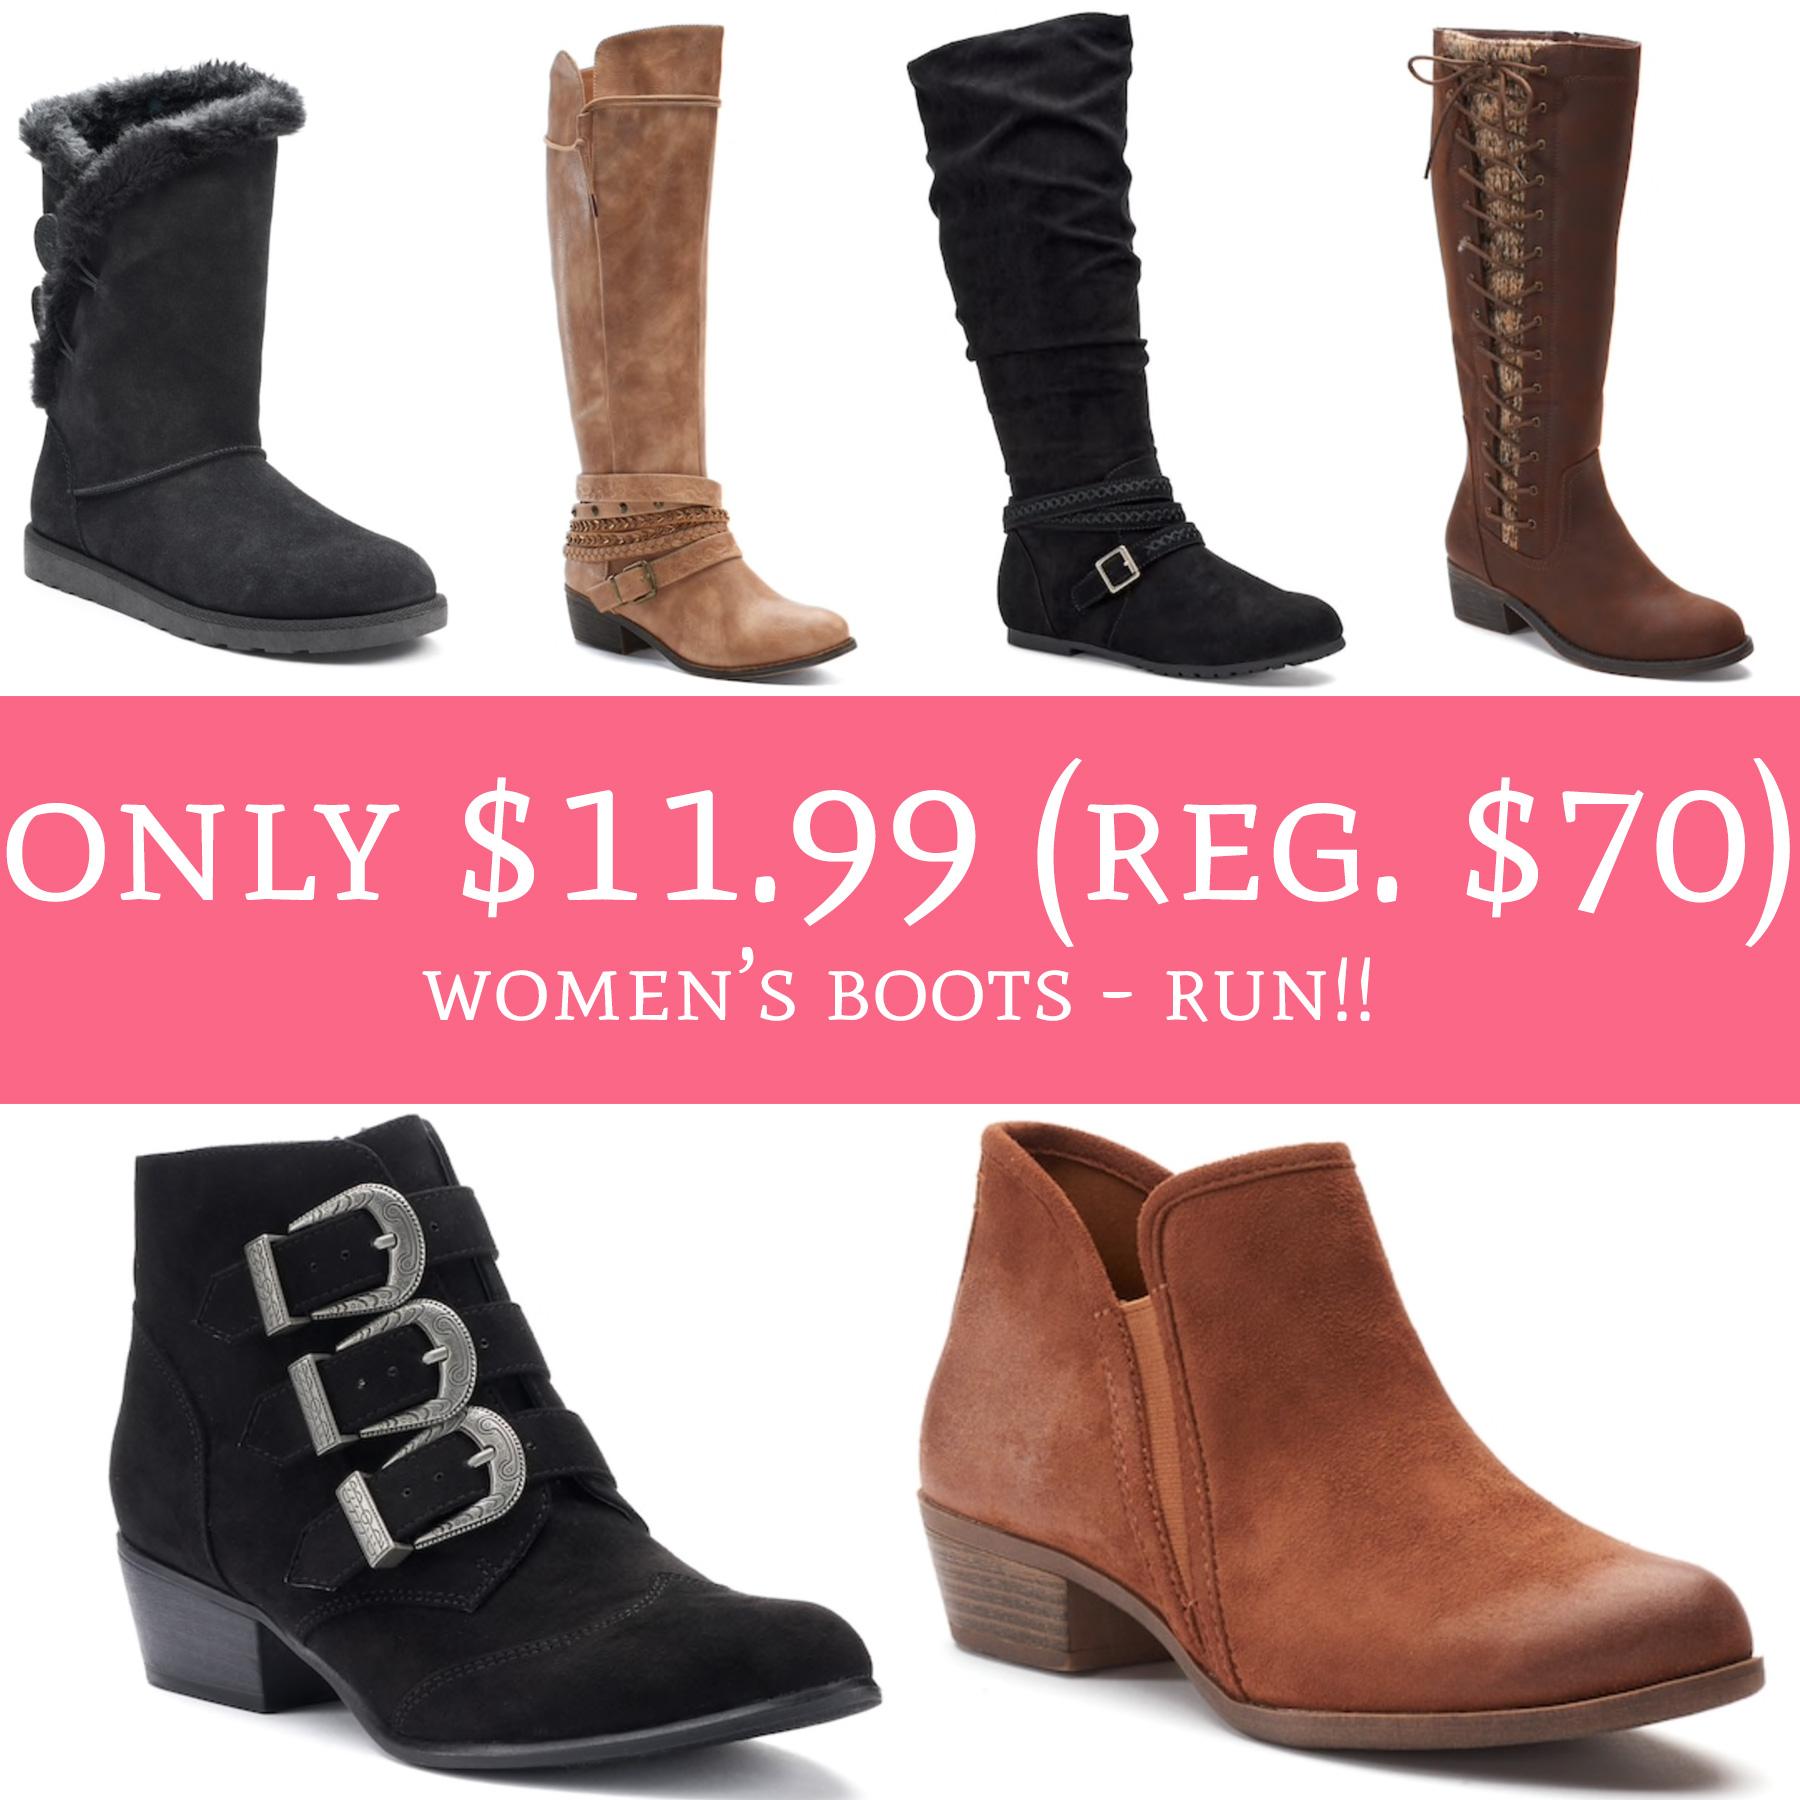 1f2fd970f65 RUN!! Only $11.99 (Regular $70) Women's Boots + Free Shipping - Deal ...